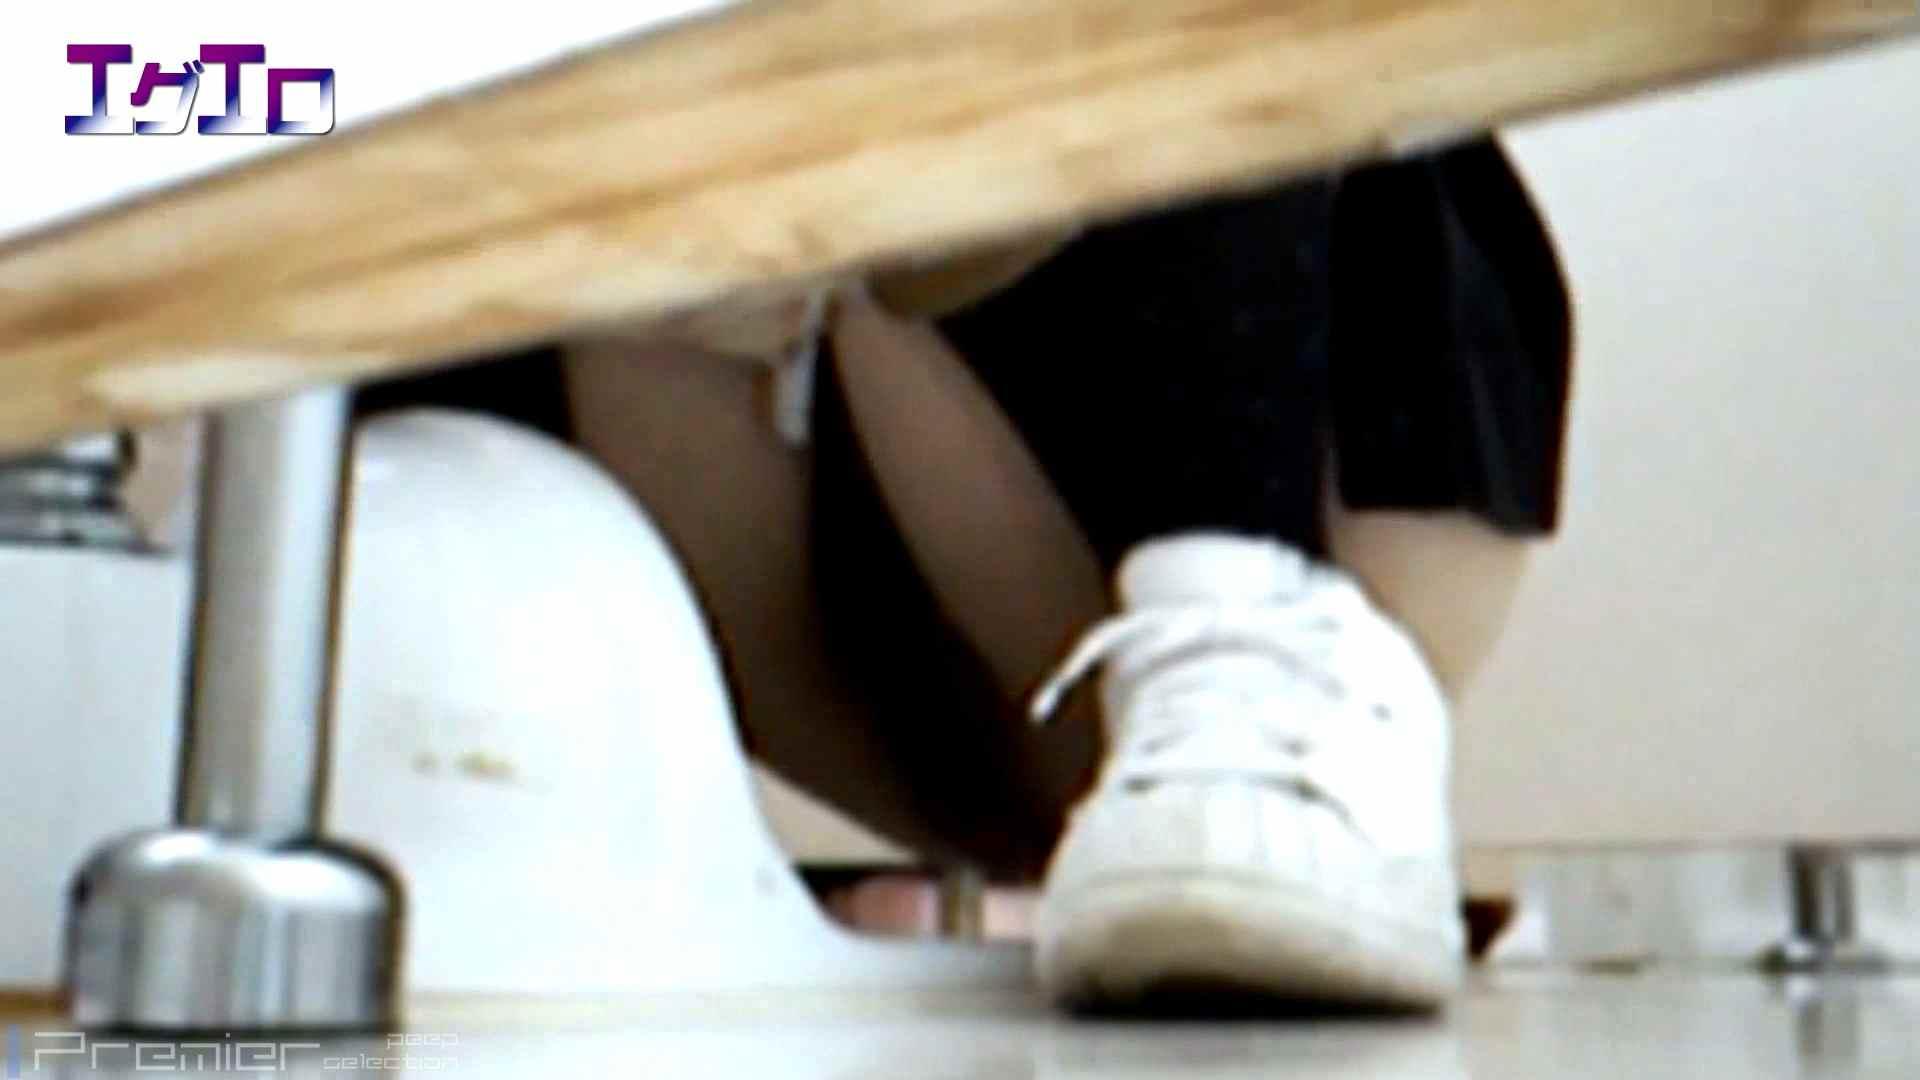 至近距離洗面所 Vol.10ブルージーンズギャルの大放nyo 萌えギャル オマンコ無修正動画無料 96連発 41